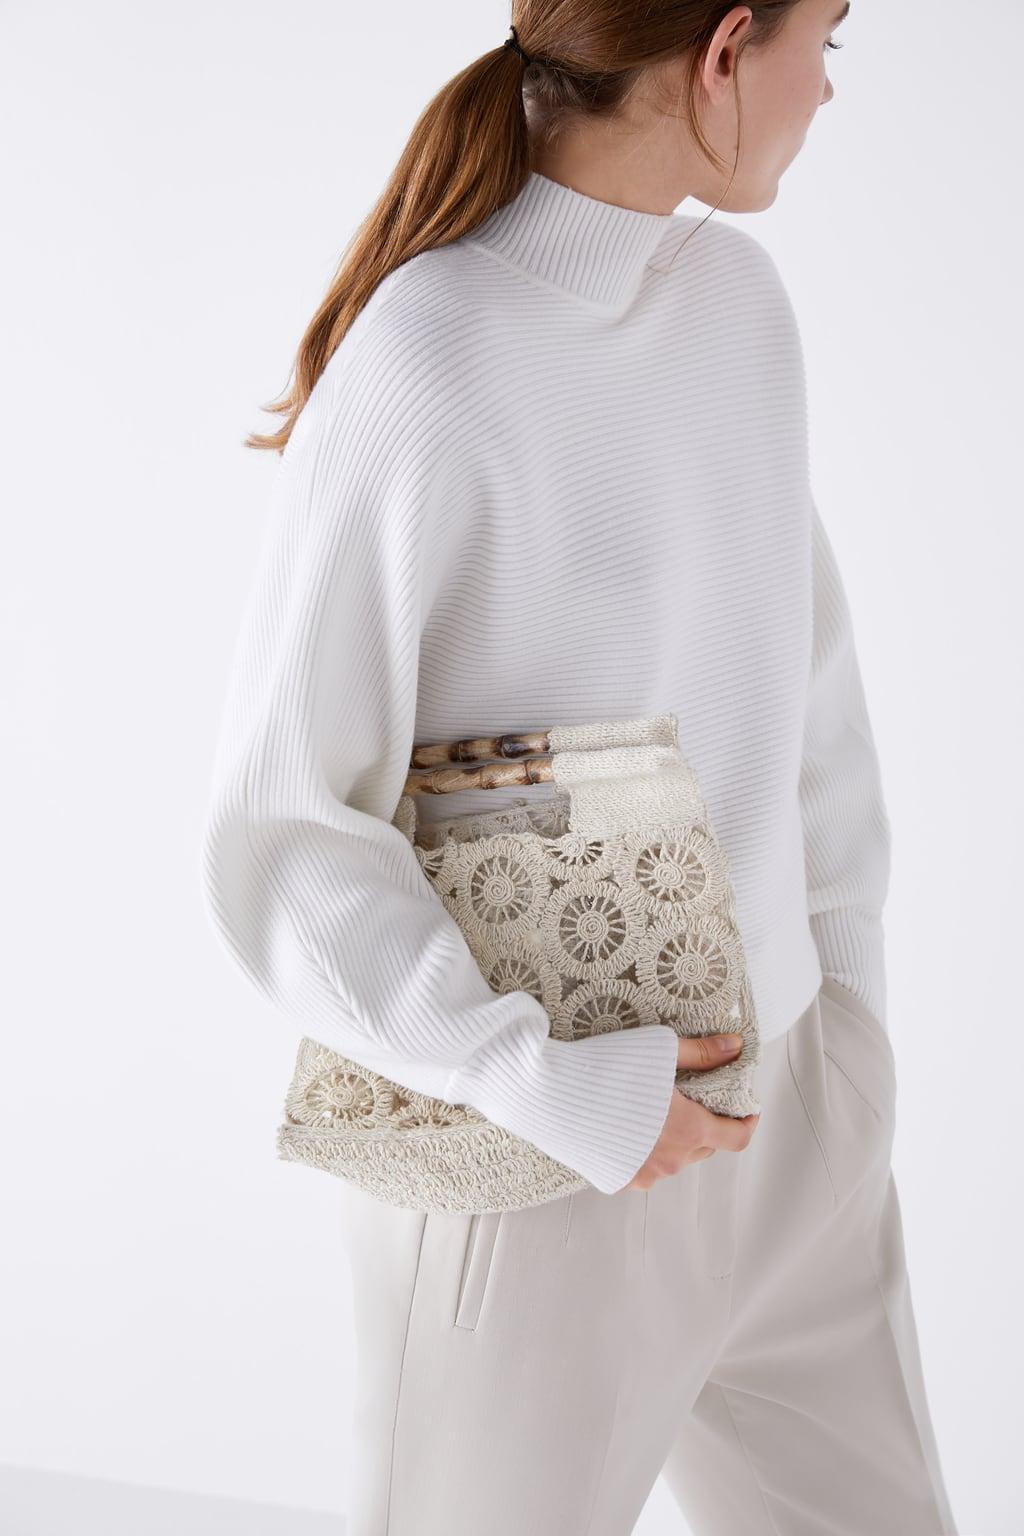 Crochet bag.jpg